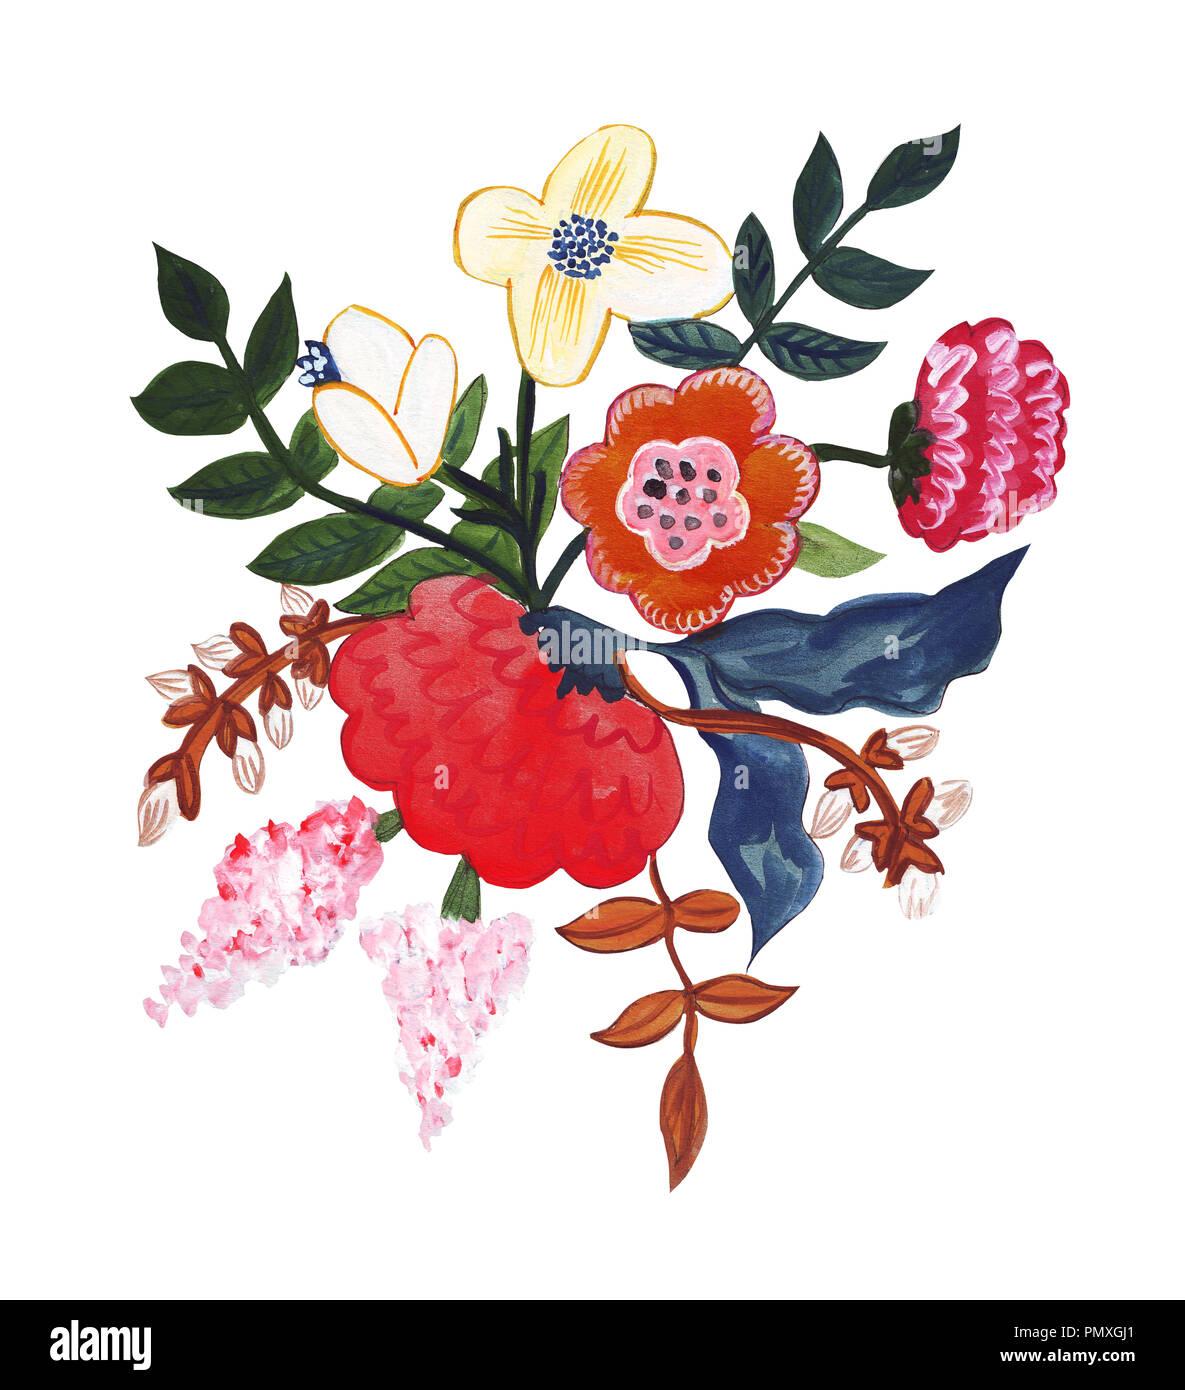 Illustration De Dessin Bouquet Fleurs Dans Des Couleurs